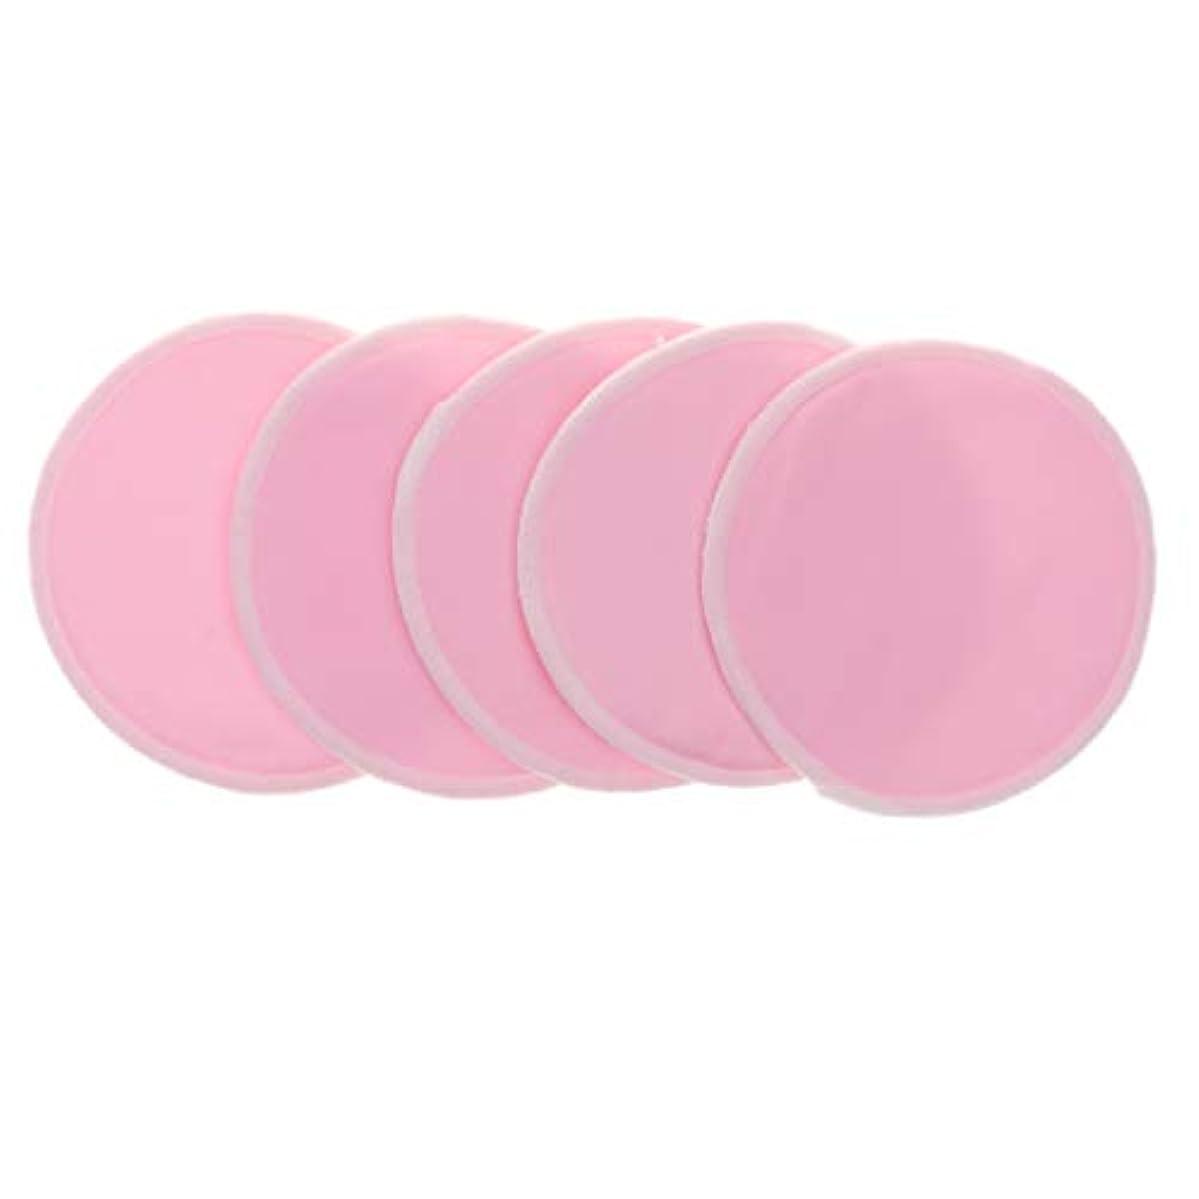 掃除選択するステレオタイプD DOLITY 胸パッド クレンジングシート メイクアップ 竹繊維 円形 12cm 洗濯可能 再使用可 5個 全5色 - ピンク